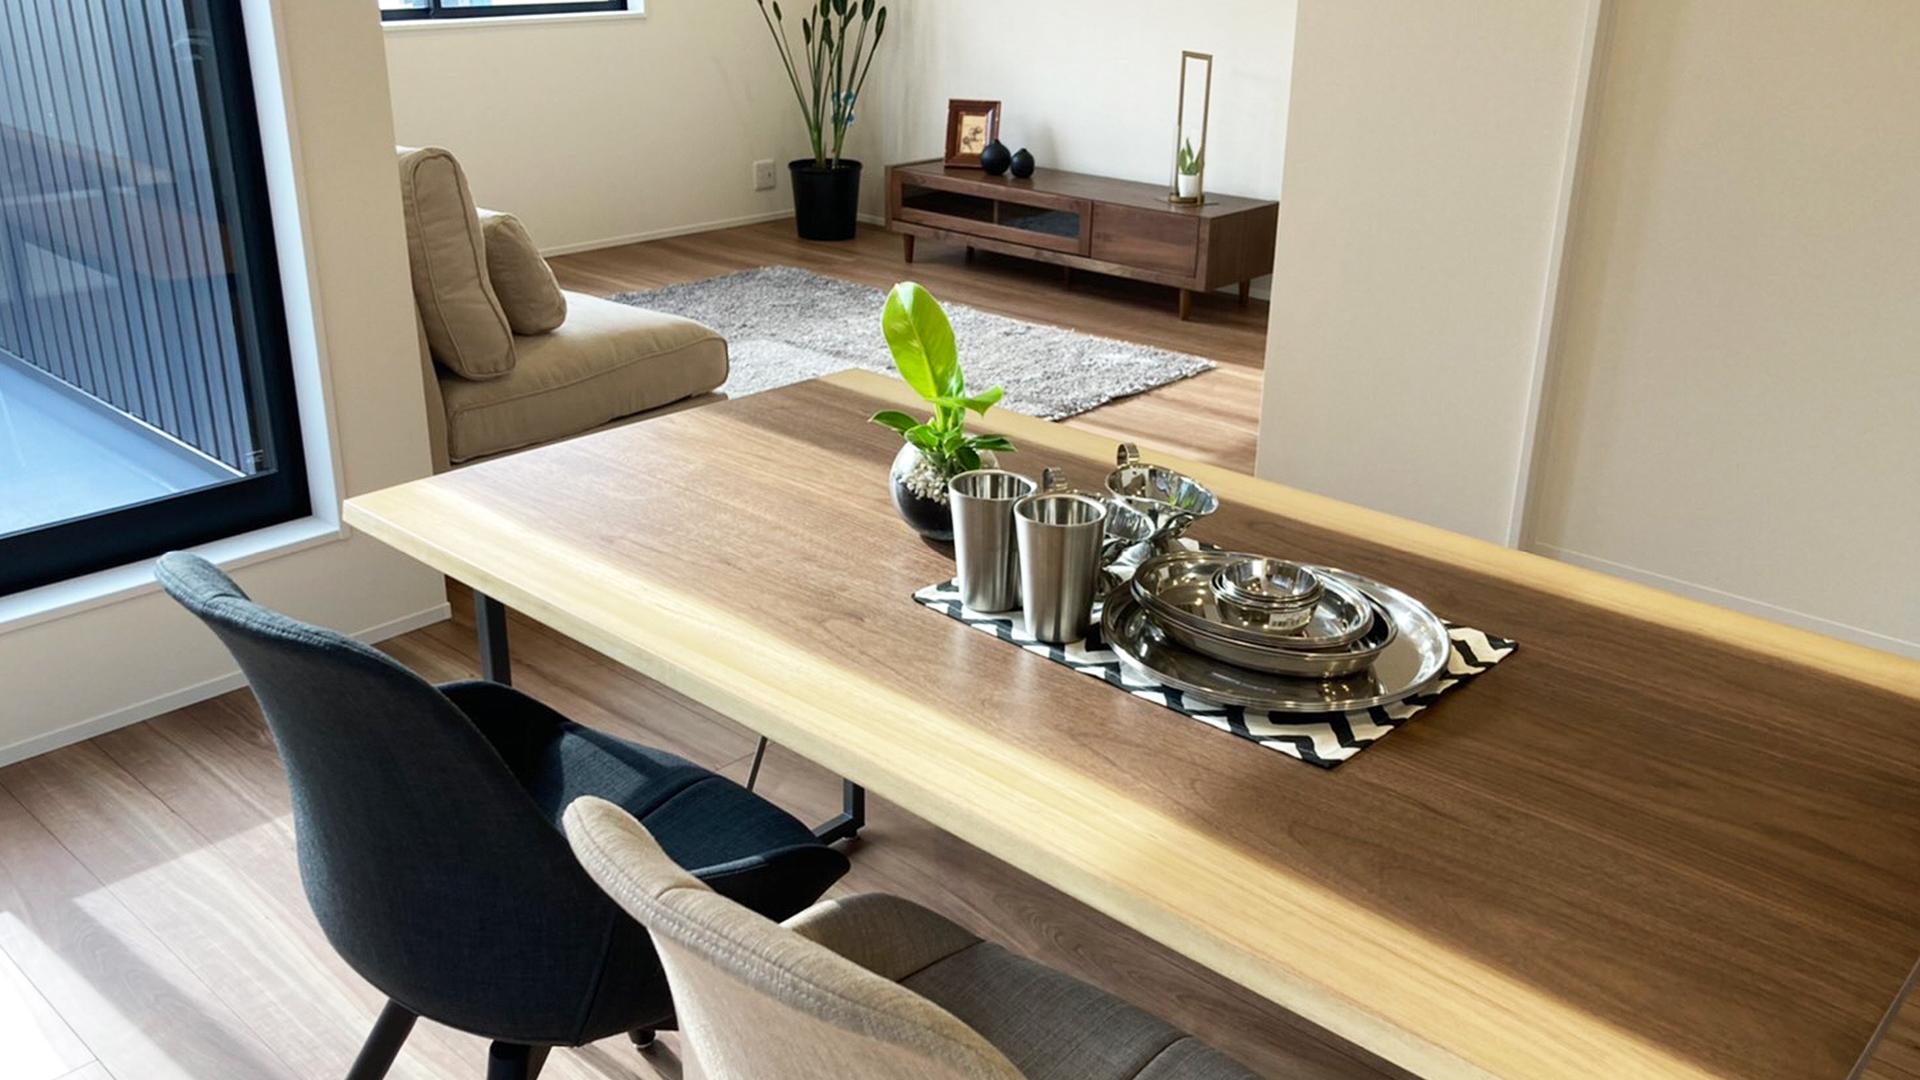 浜松市のレンタル家具・撮影用家具のマイサカ家具